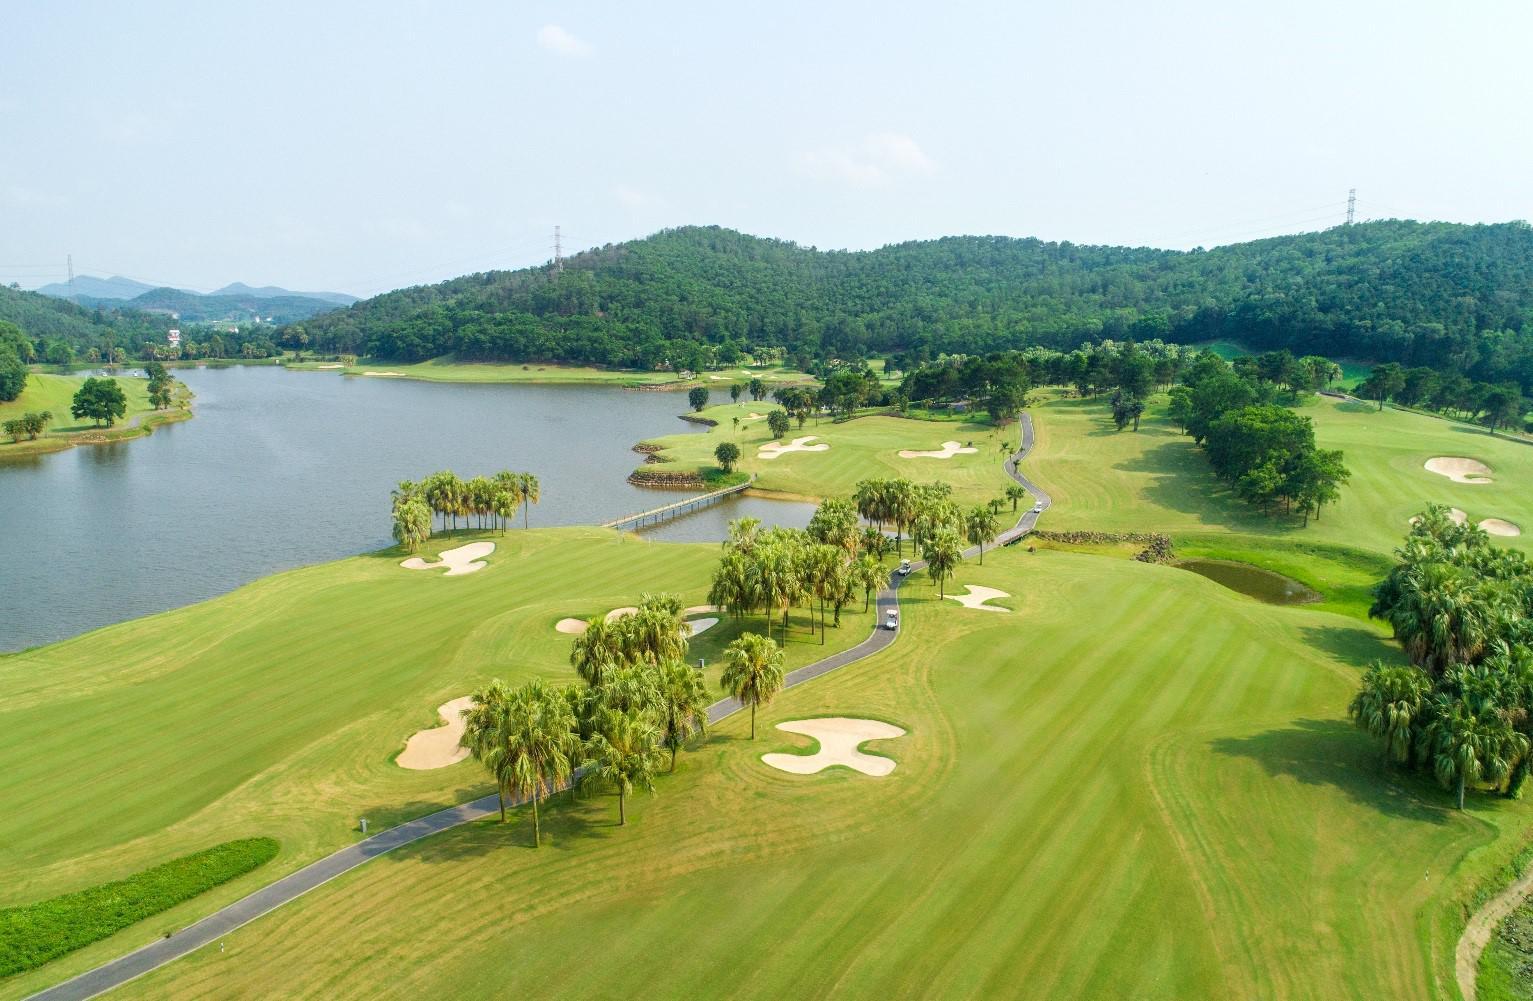 Tee off sân golf Chí Linh Hải Dương 36 hố cuối tuần